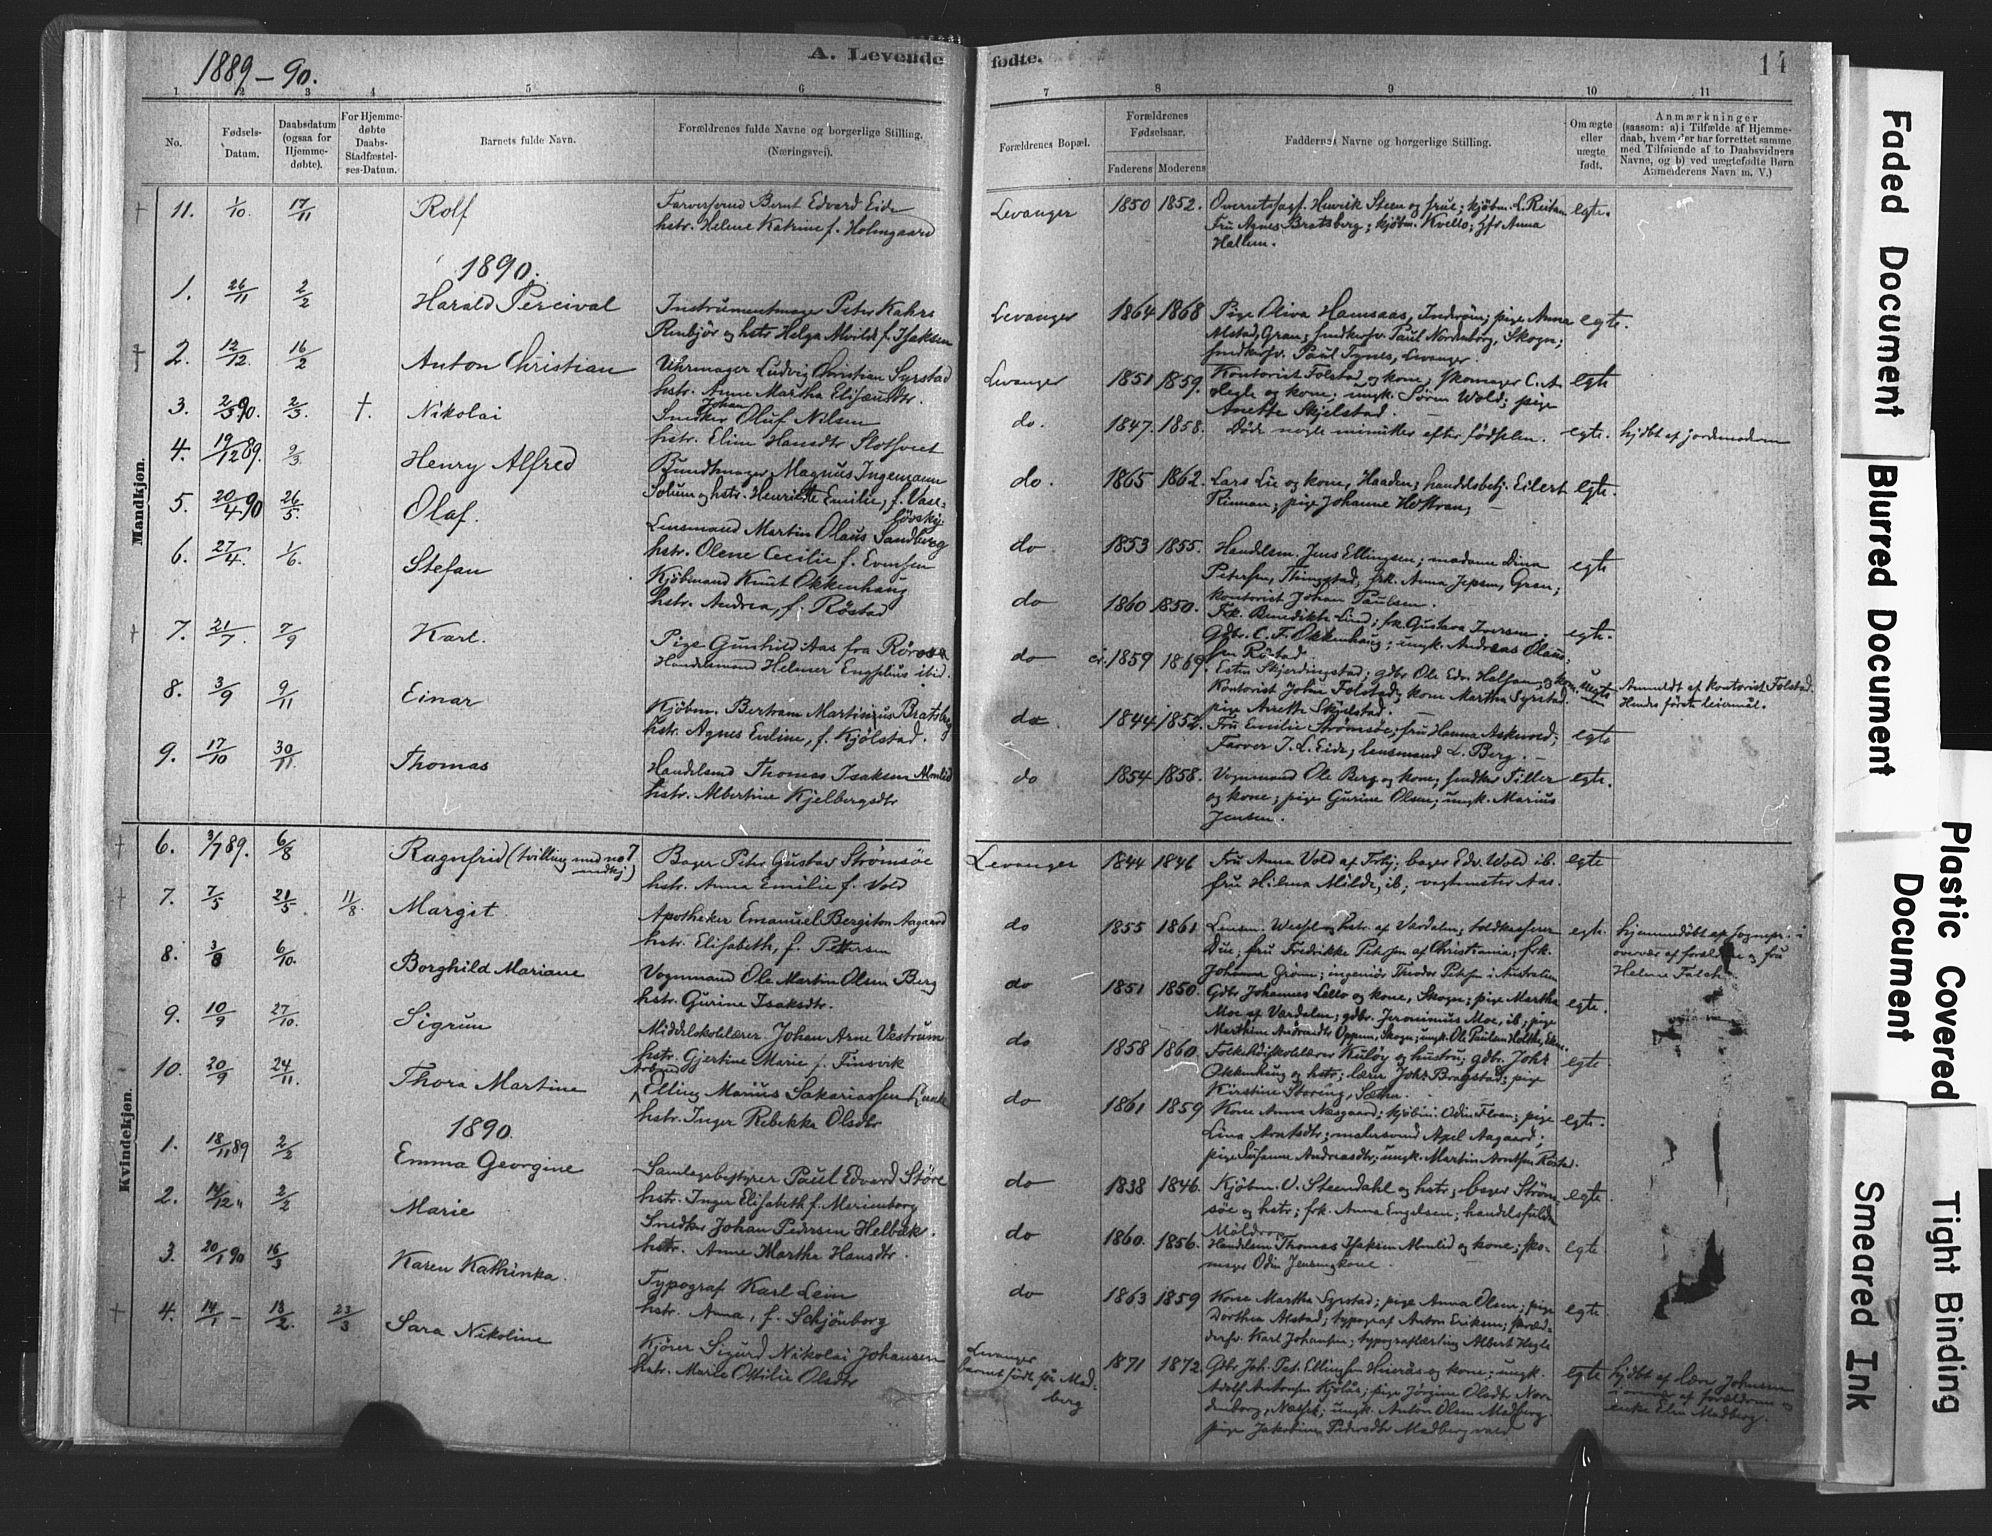 SAT, Ministerialprotokoller, klokkerbøker og fødselsregistre - Nord-Trøndelag, 720/L0189: Ministerialbok nr. 720A05, 1880-1911, s. 14